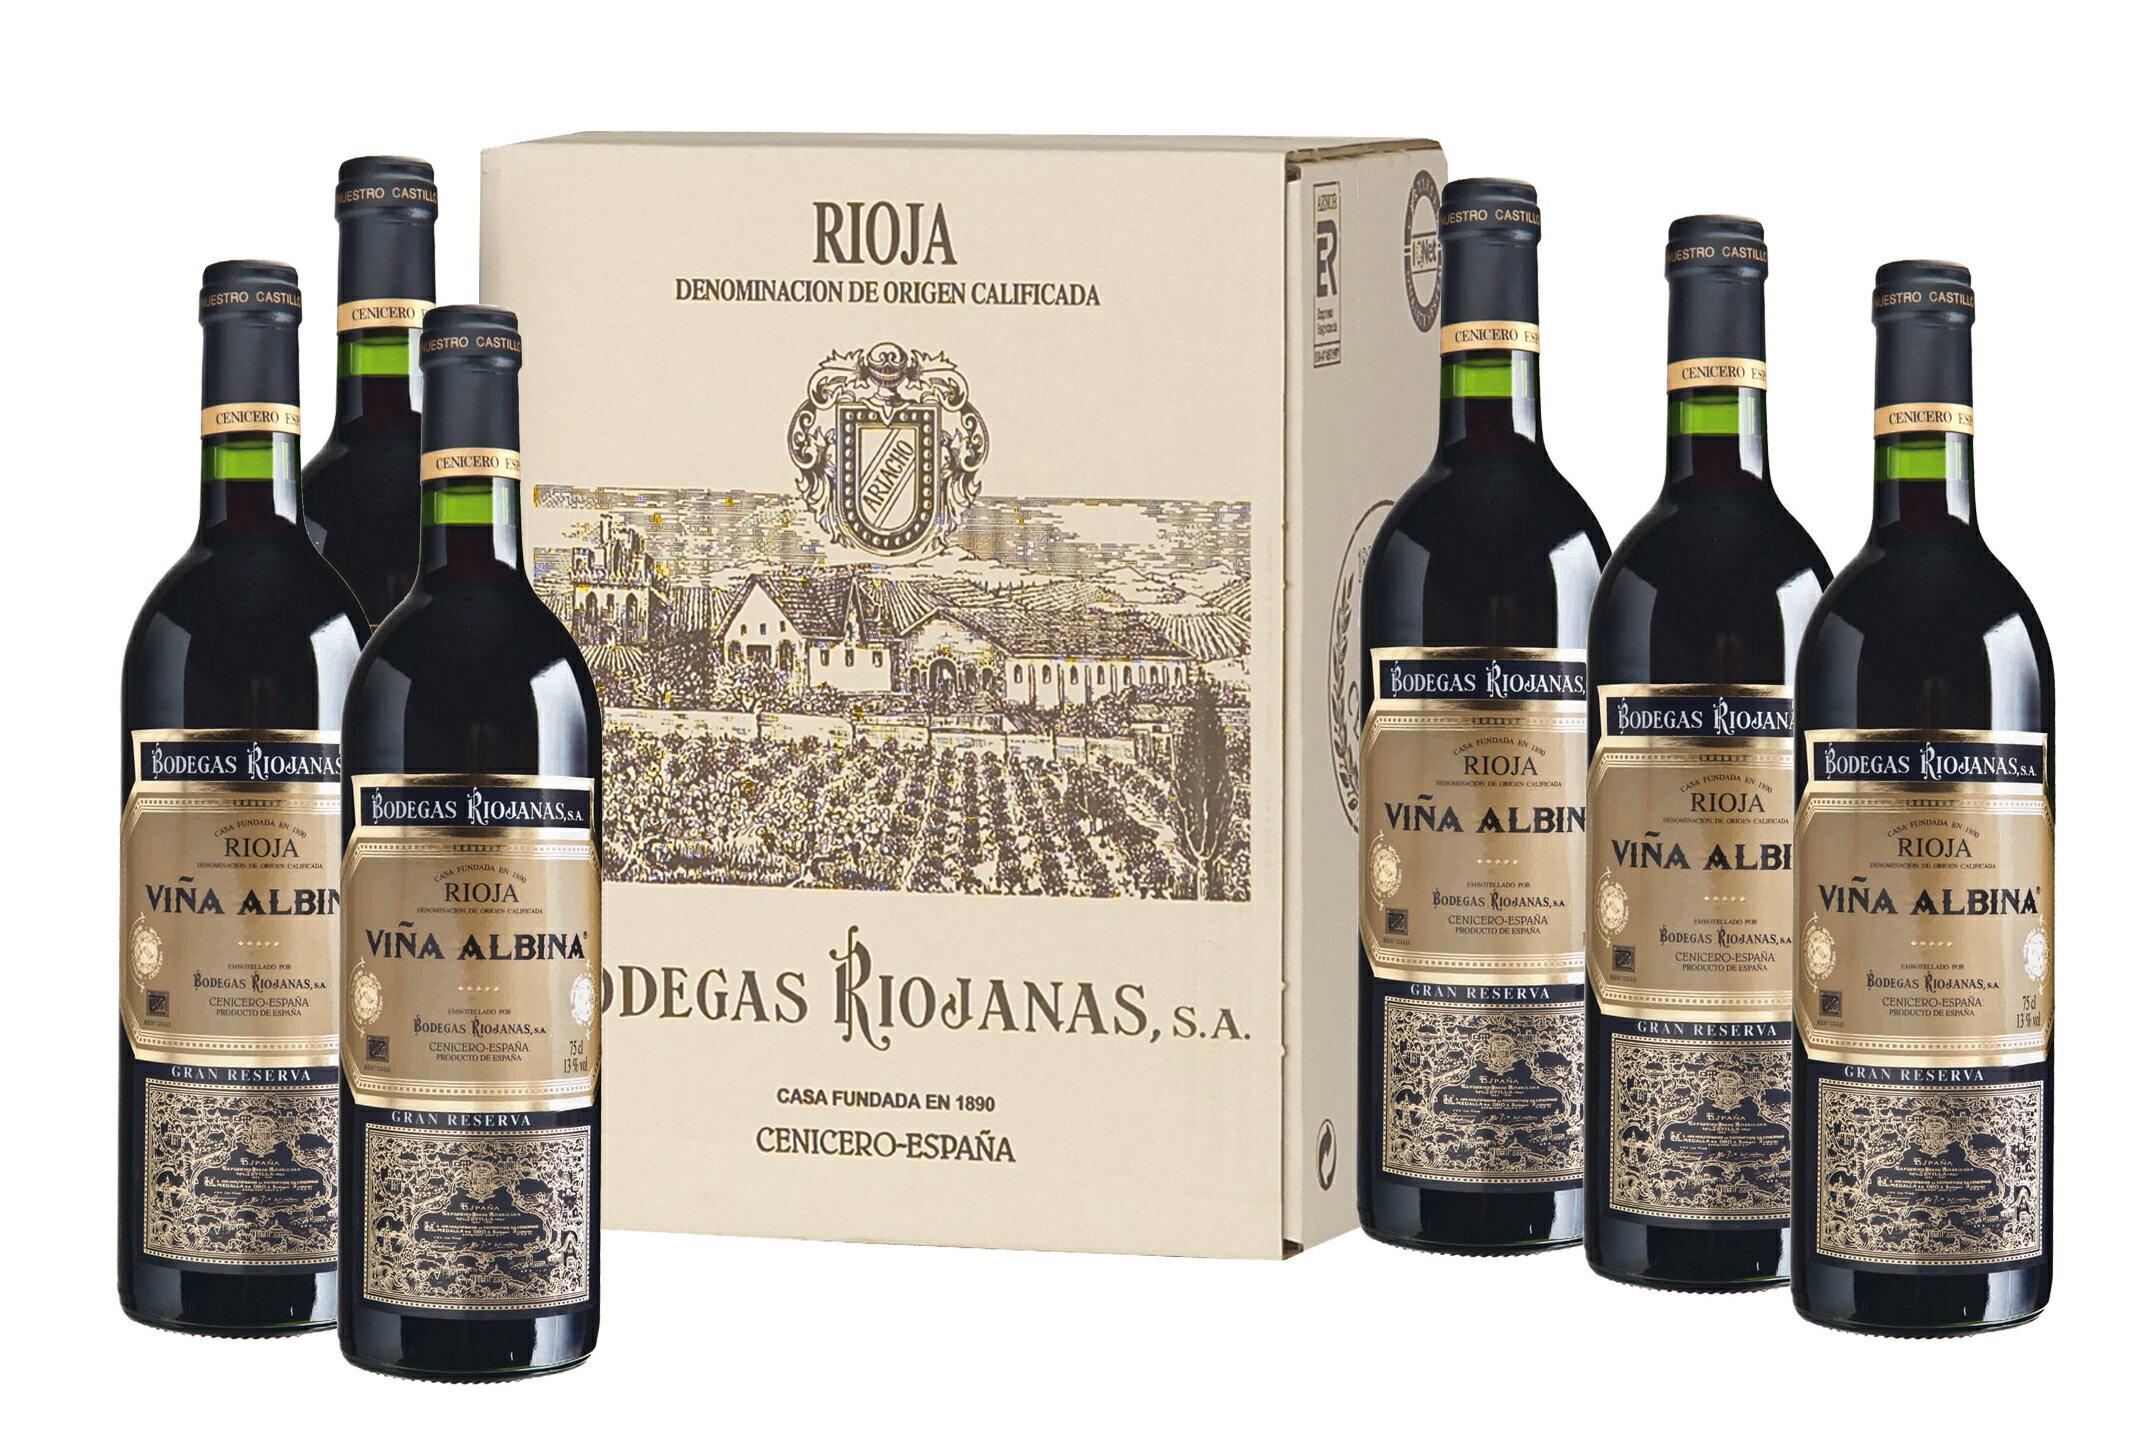 Caja de 6 botellas vino Viña Albina Gran reserva 2007 D.O. Rioja 1